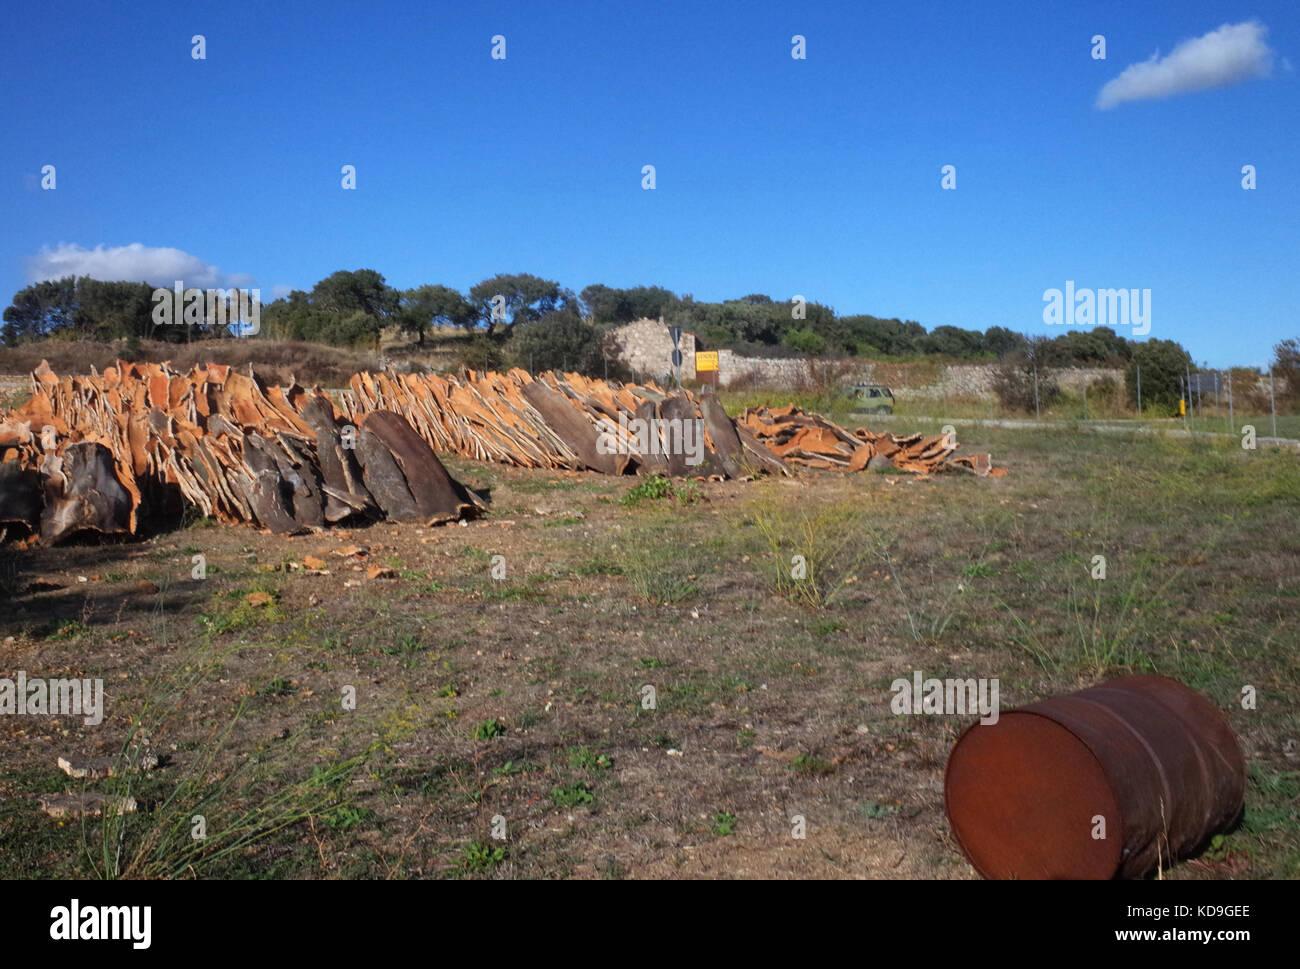 Luras, Sardinien. frisch Korken in Würze abgeholt Stockbild